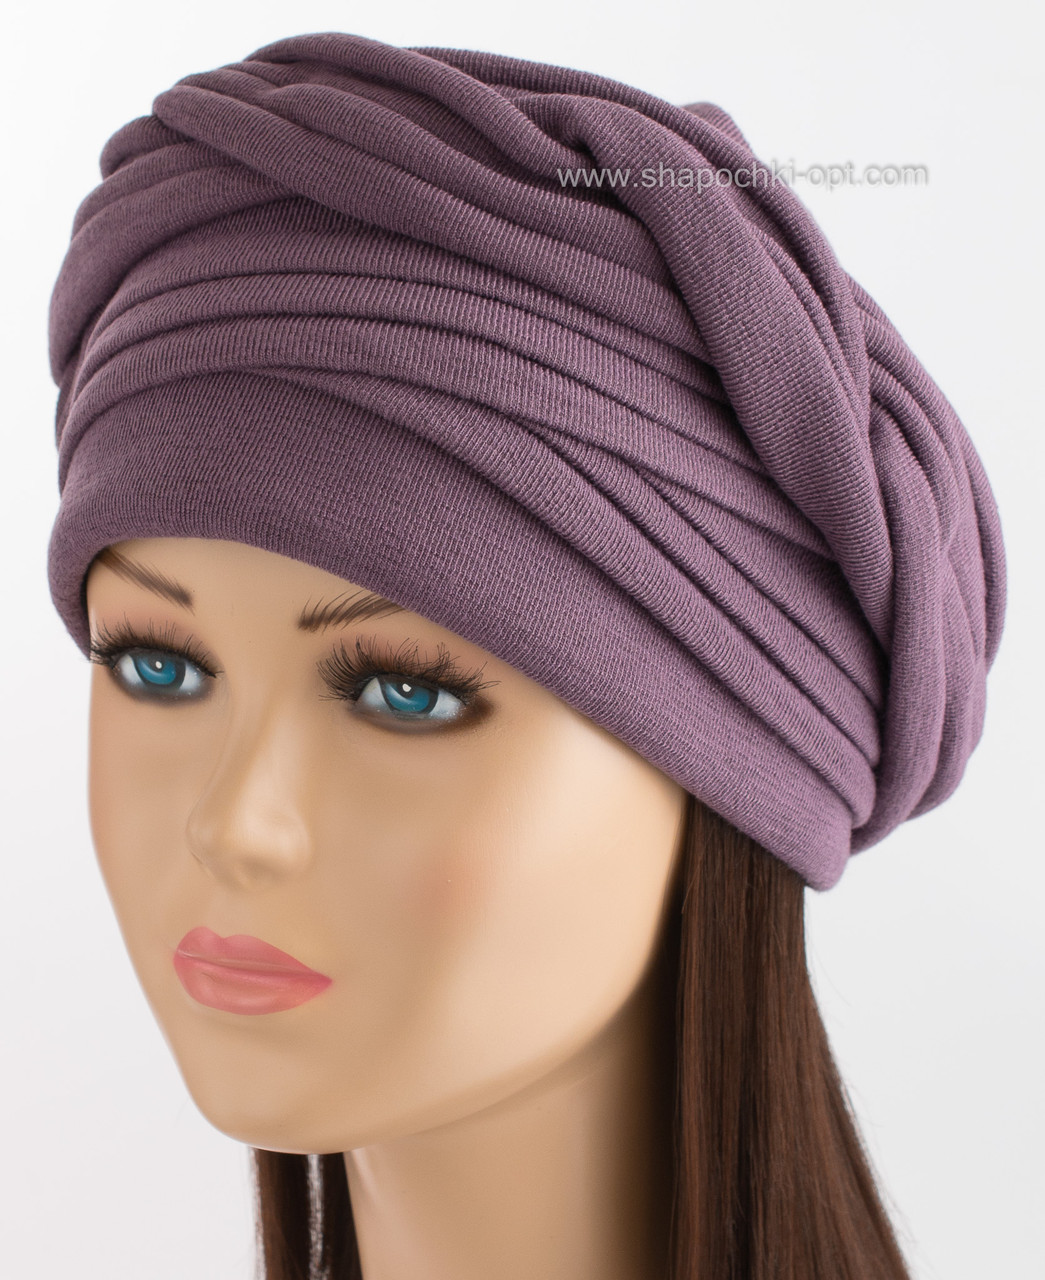 Женская шапочка из трикотажа Ника темно-лиловая